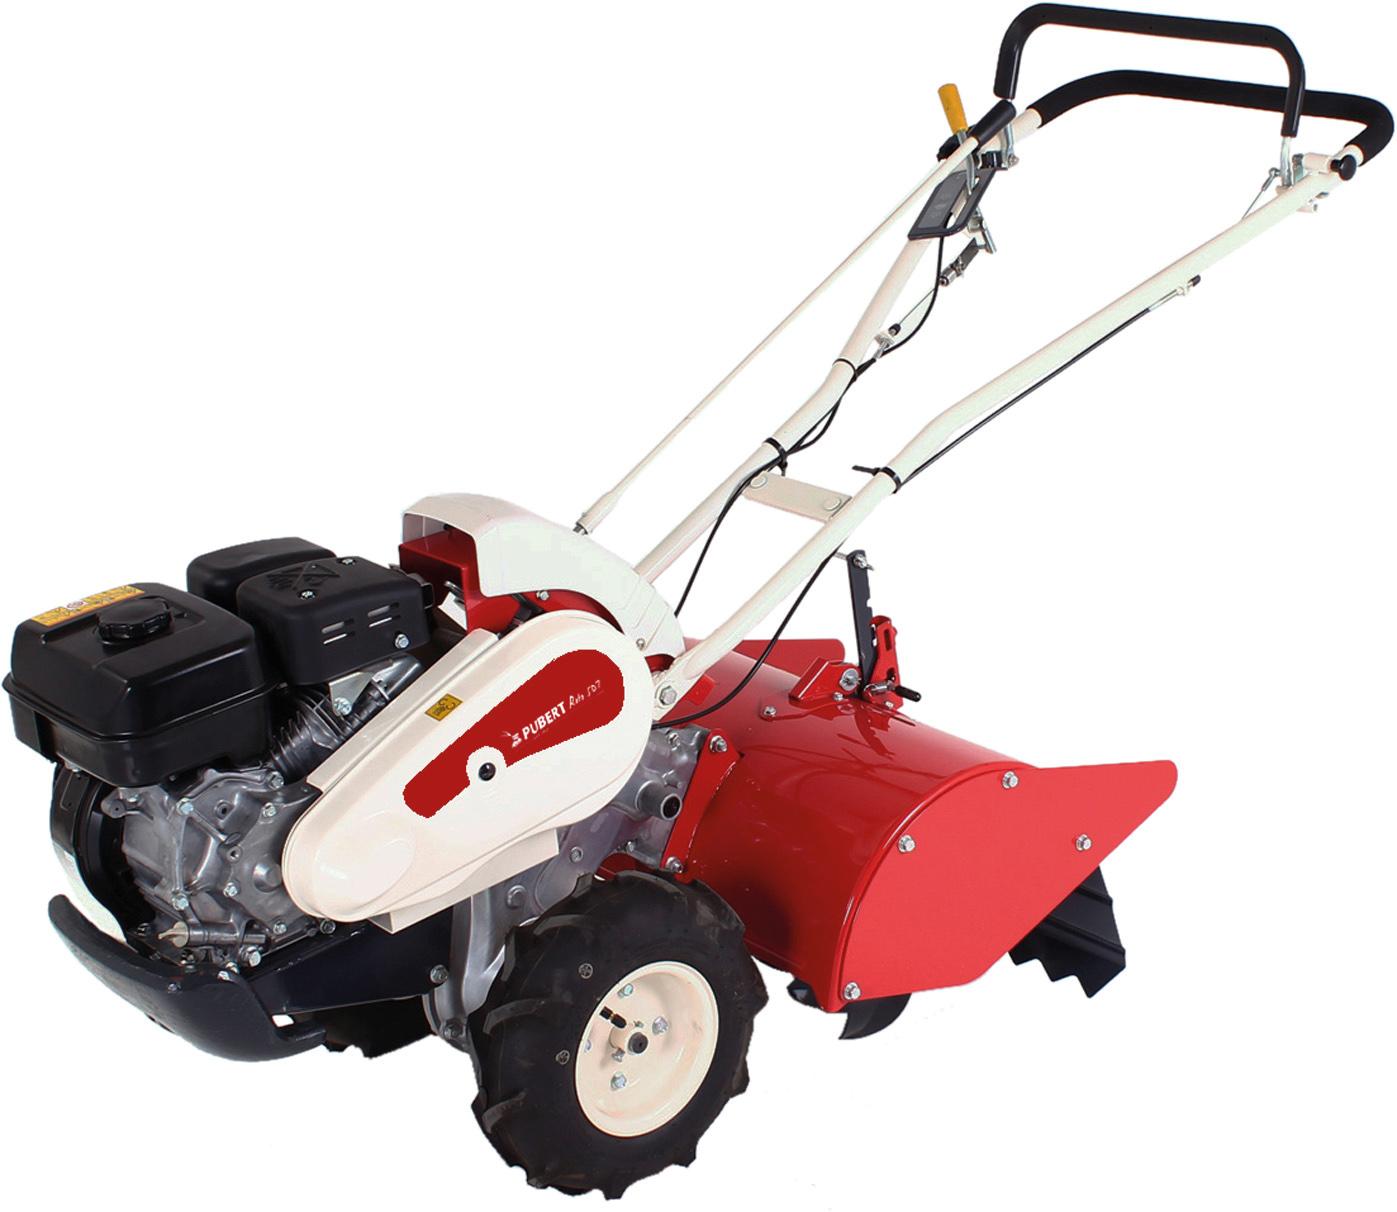 motoculteur thermique fraise arri re roto 507 169cc. Black Bedroom Furniture Sets. Home Design Ideas